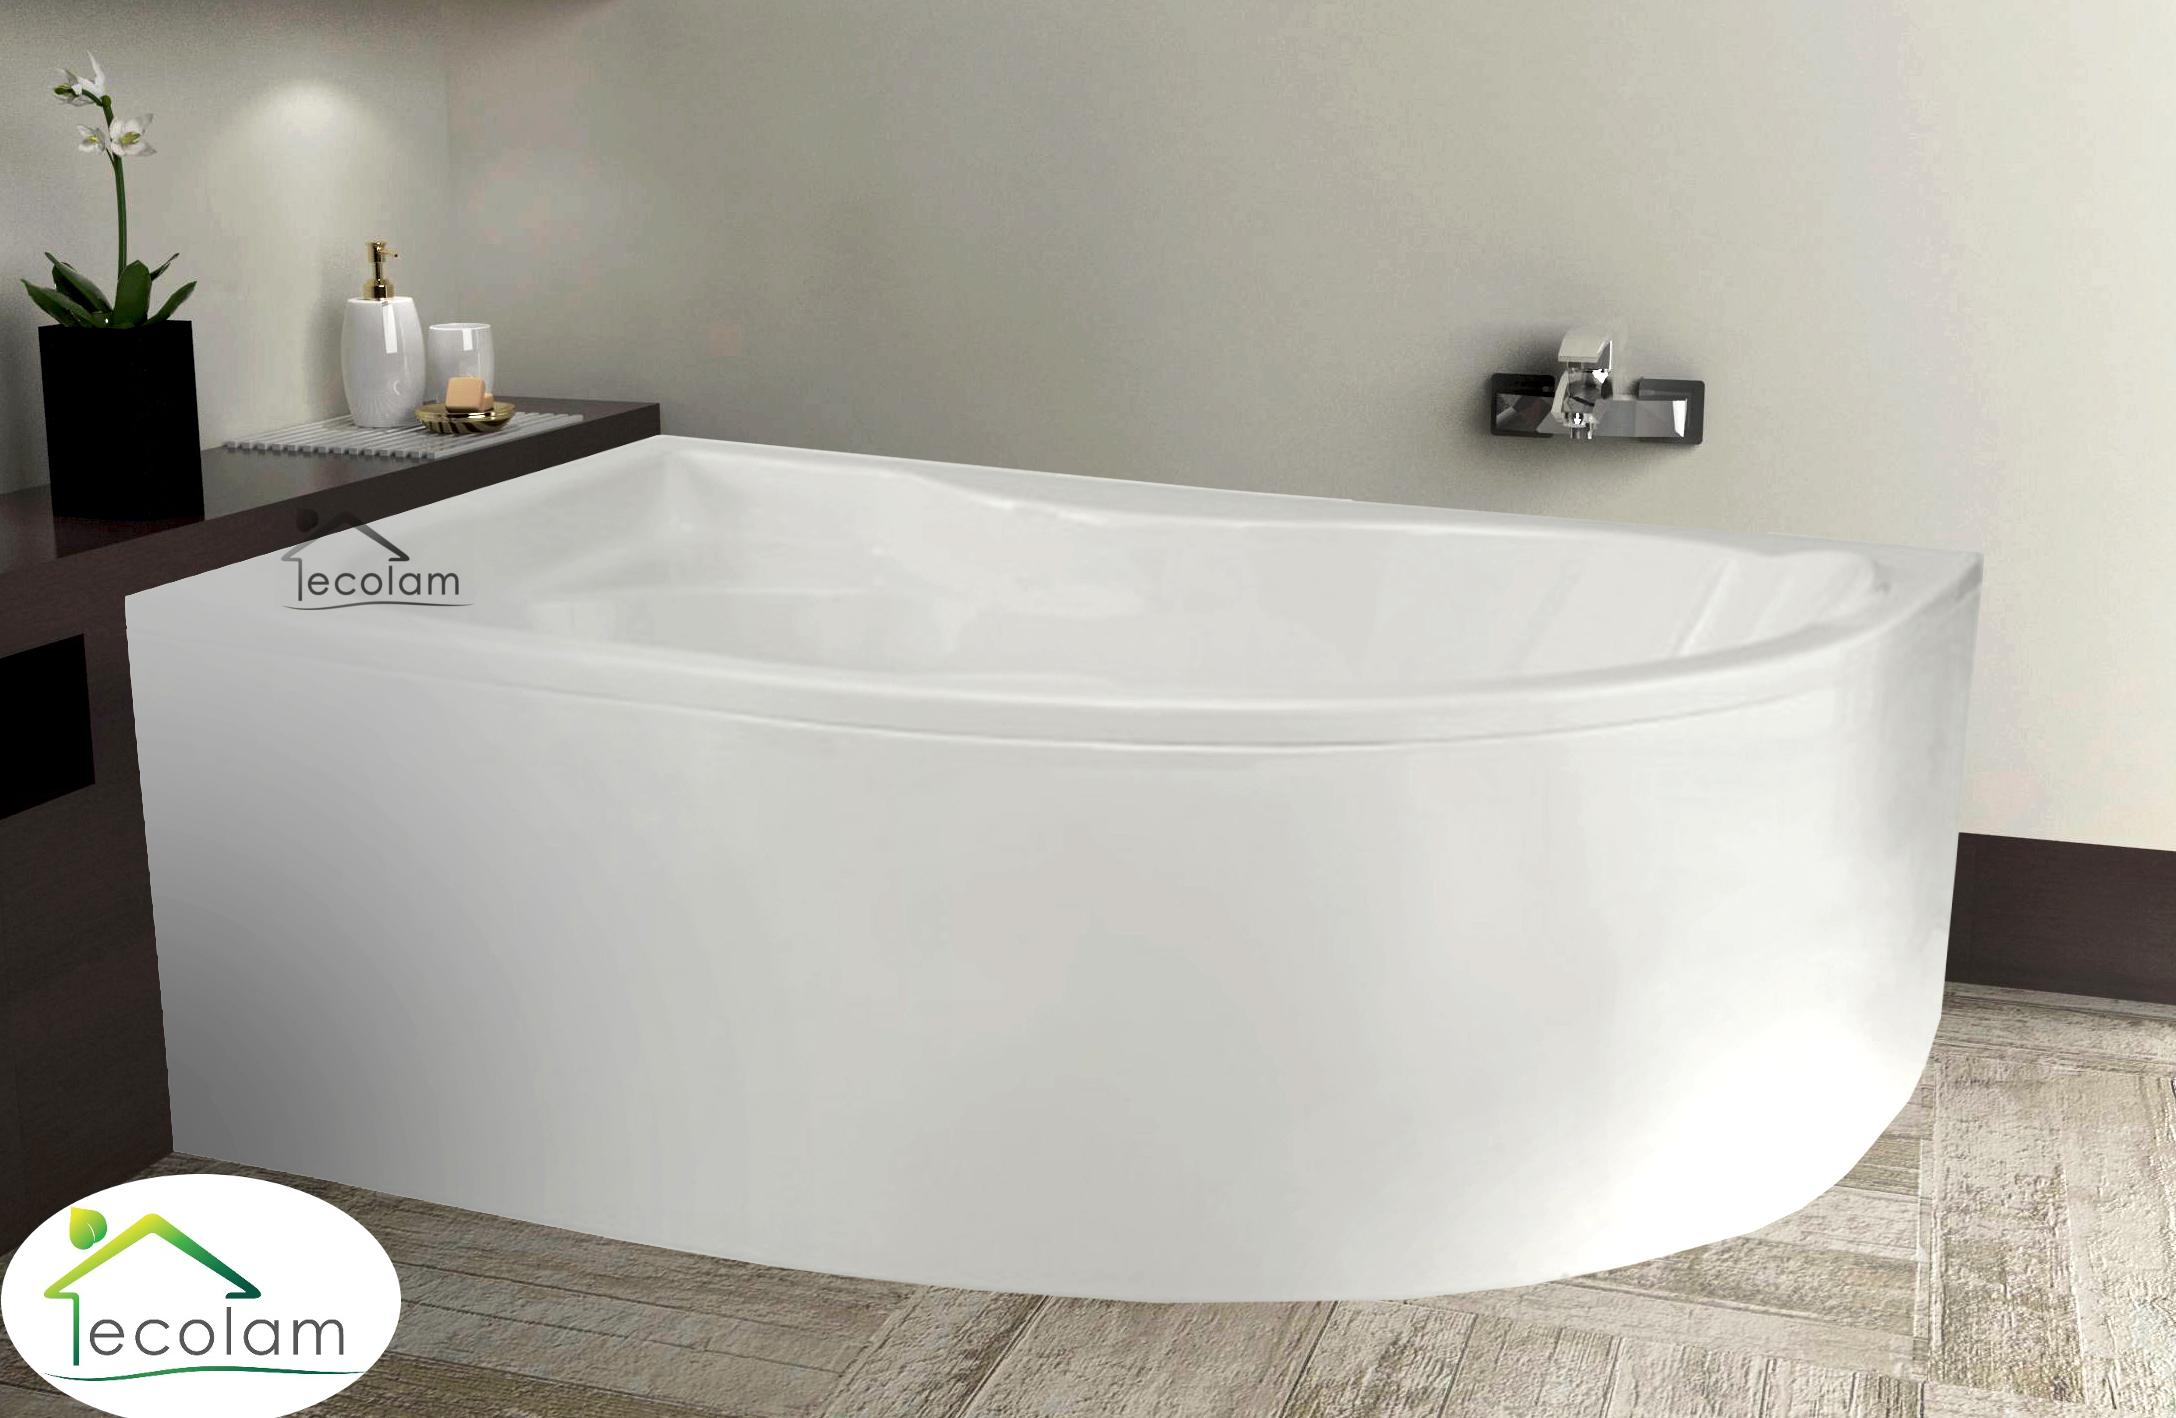 badewanne wanne eckbadewanne 170 x 110 cm sch rze ablauf. Black Bedroom Furniture Sets. Home Design Ideas